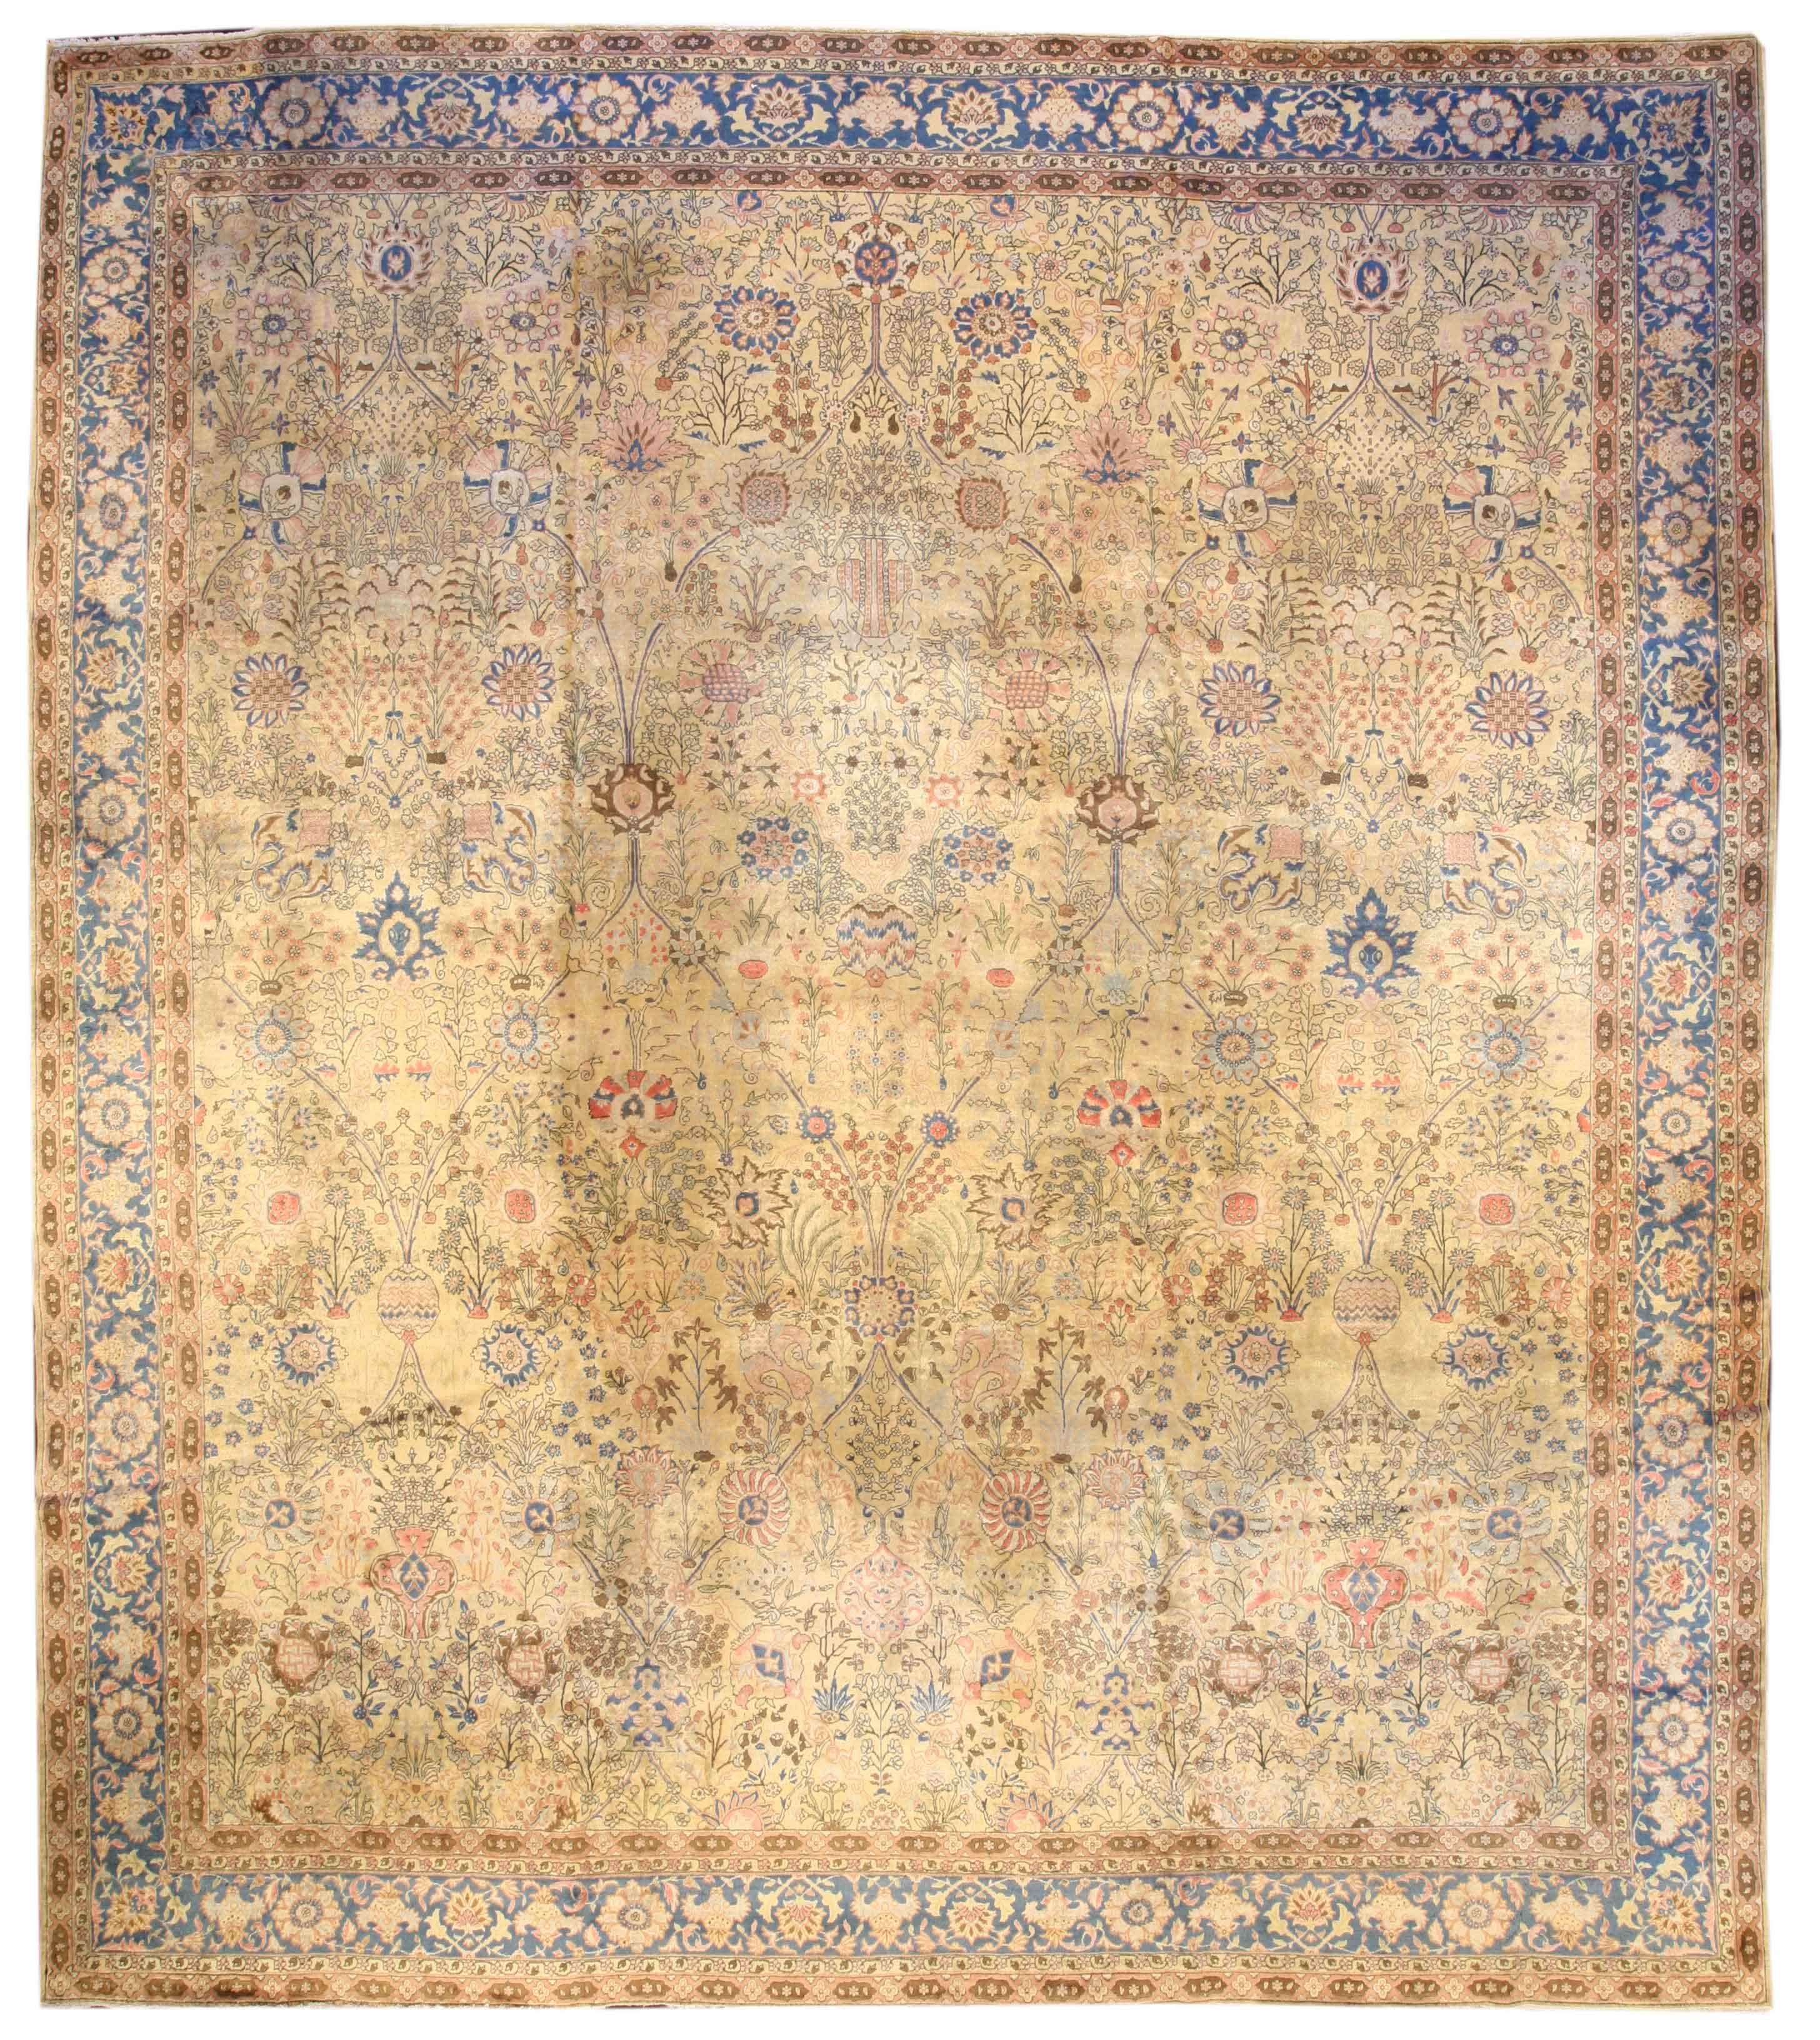 BB0251 Turkish Hereke 14.7 x 12.8 C.1920